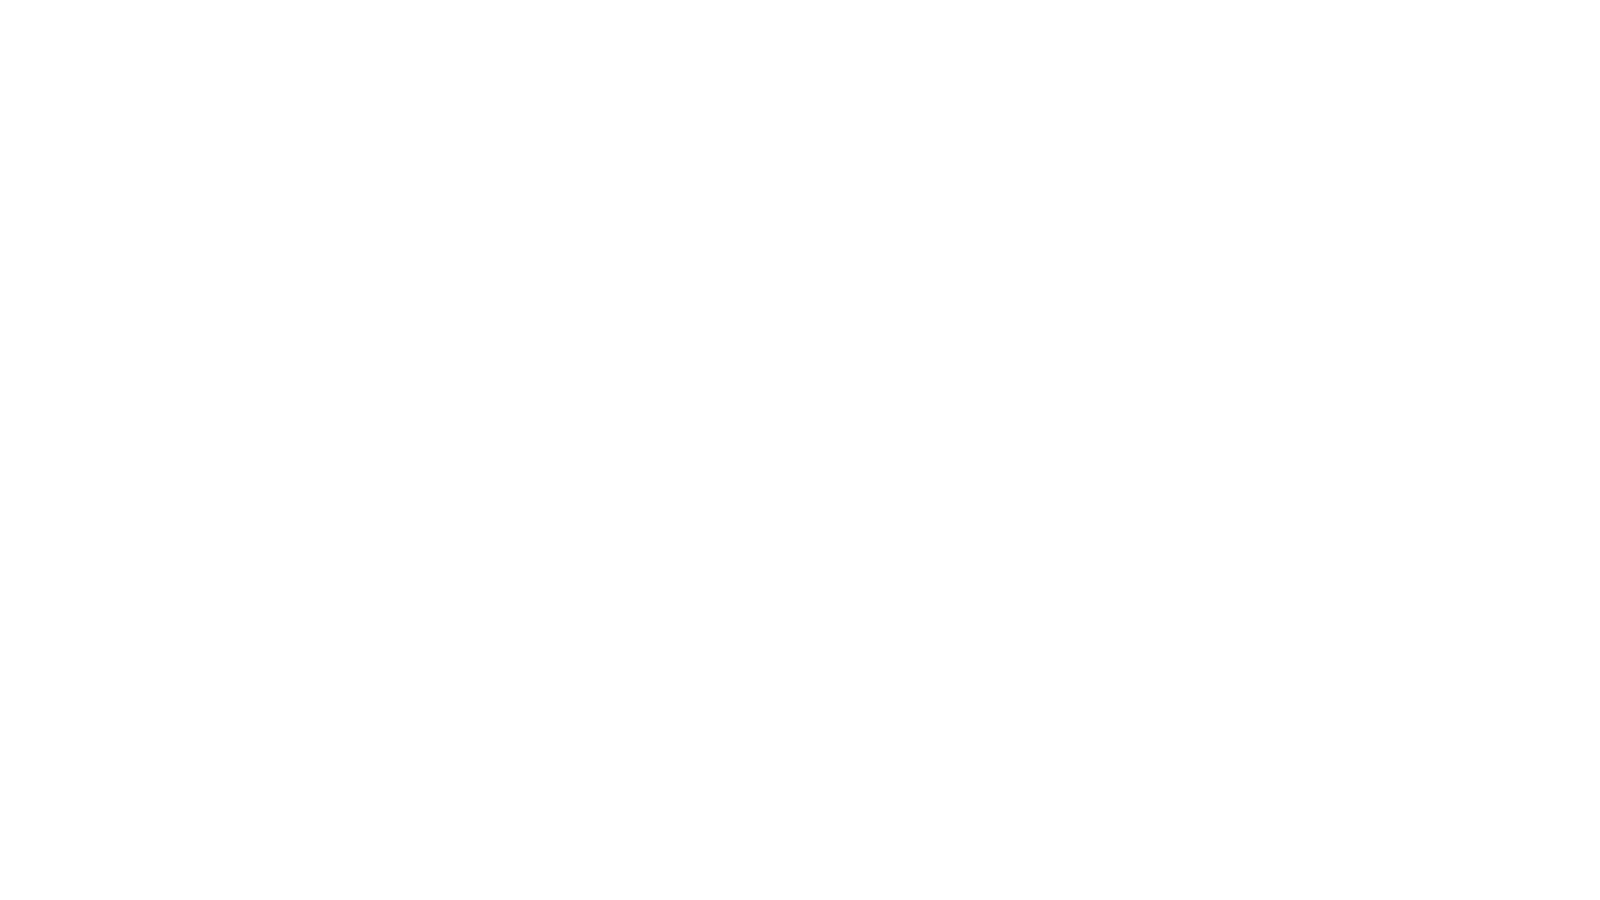 Pomeczowa wypowiedź Mateusza Sparwassera - linebackers juniorskiej drużyny Silesia Rebels Katowice Za materiał dziękujemy Mateuszowi Skarłoszowi.